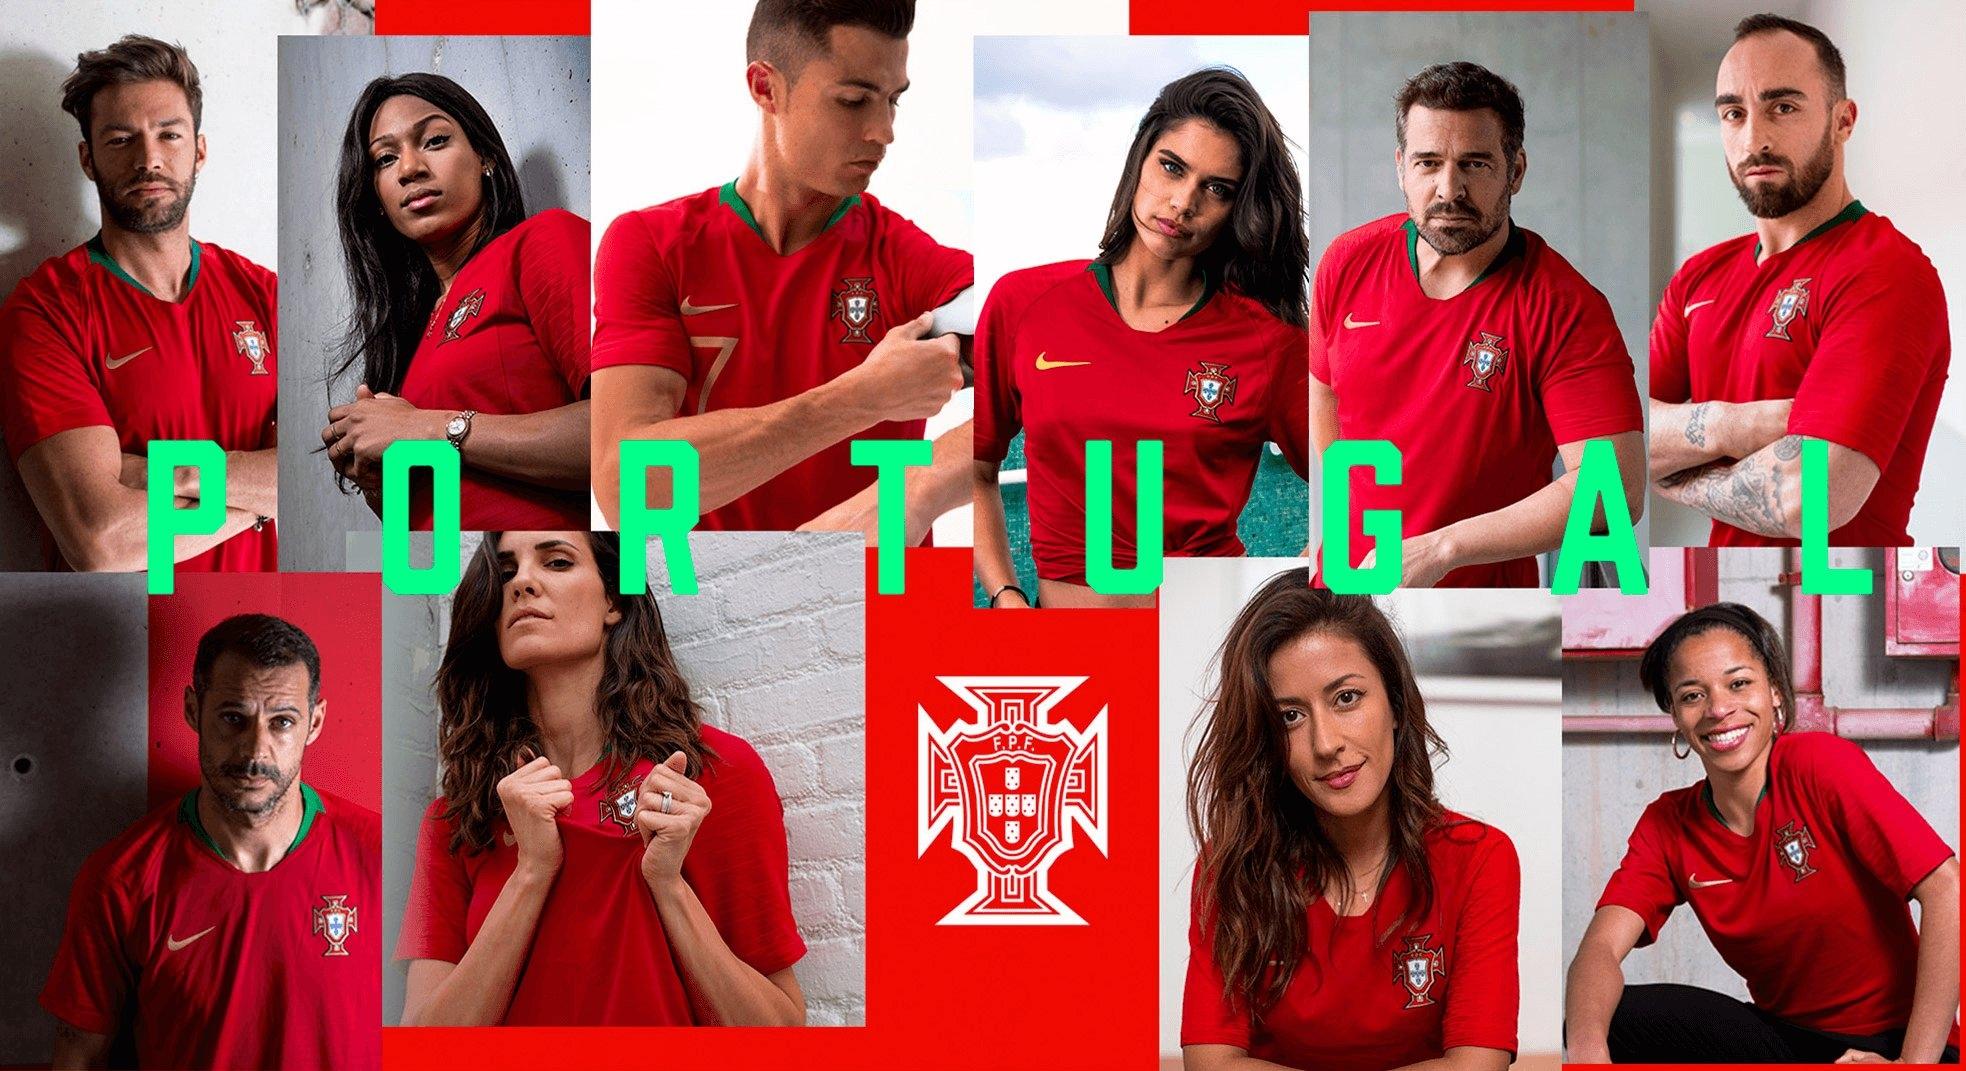 Националният отбор на Португалия представи екипите за световното първенство в